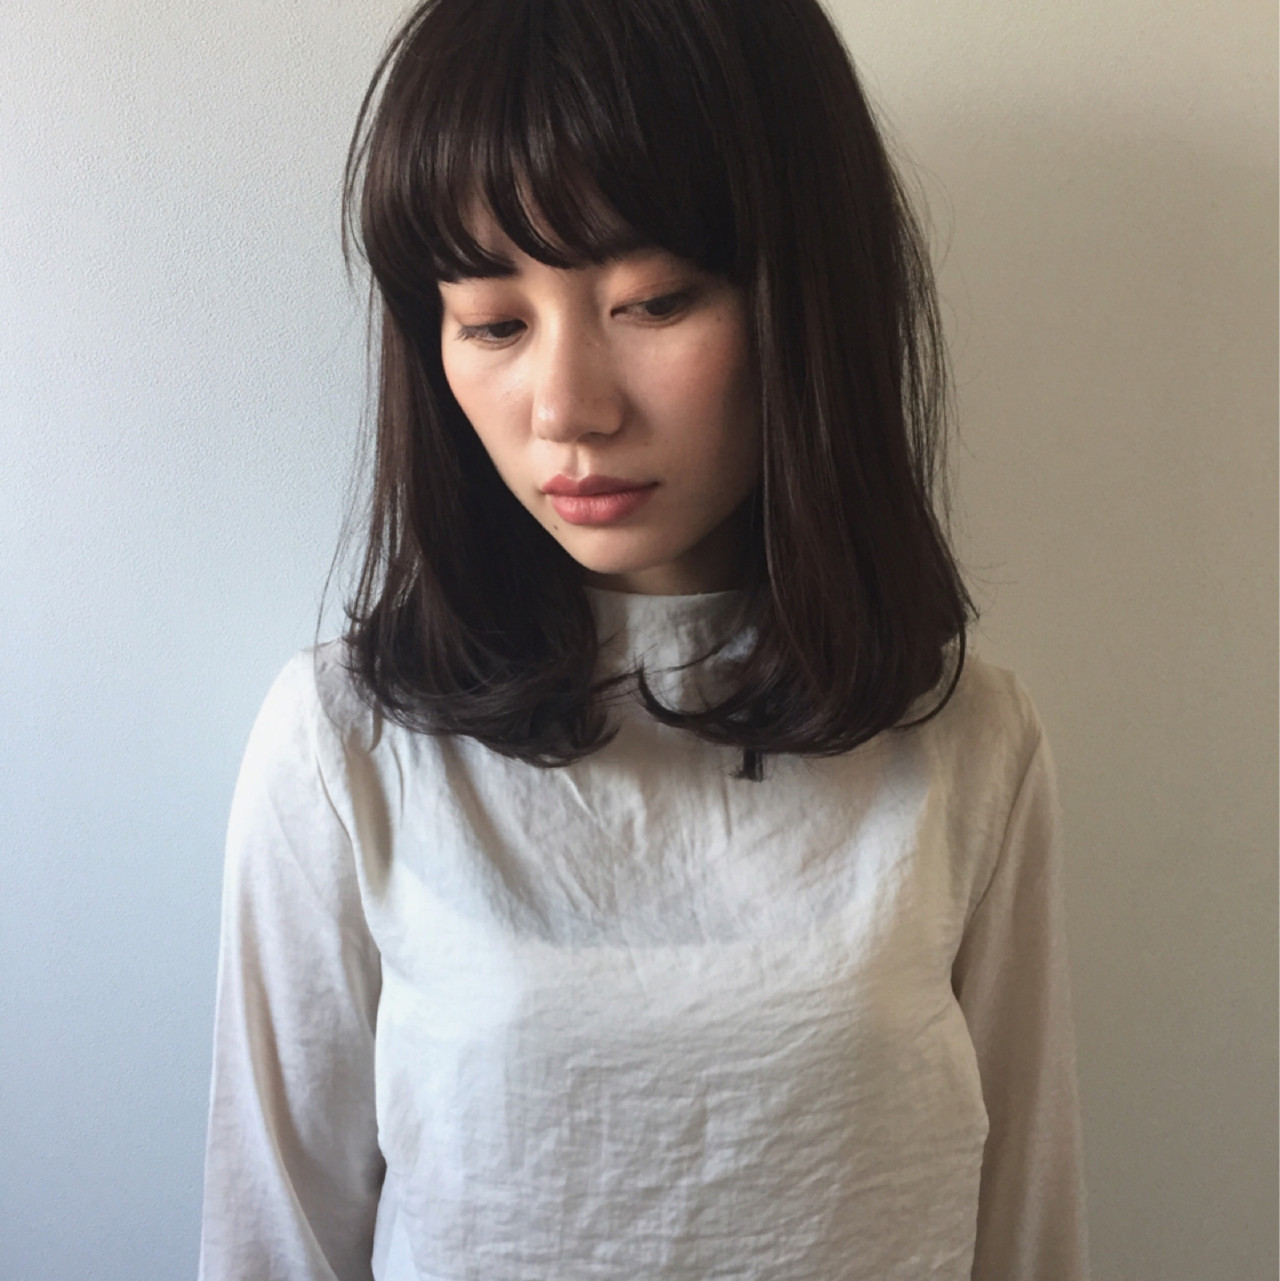 ミディアム パーマ モード ボブ ヘアスタイルや髪型の写真・画像 | SHIN/白田慎 / MAGNOLiA(マグノリア)